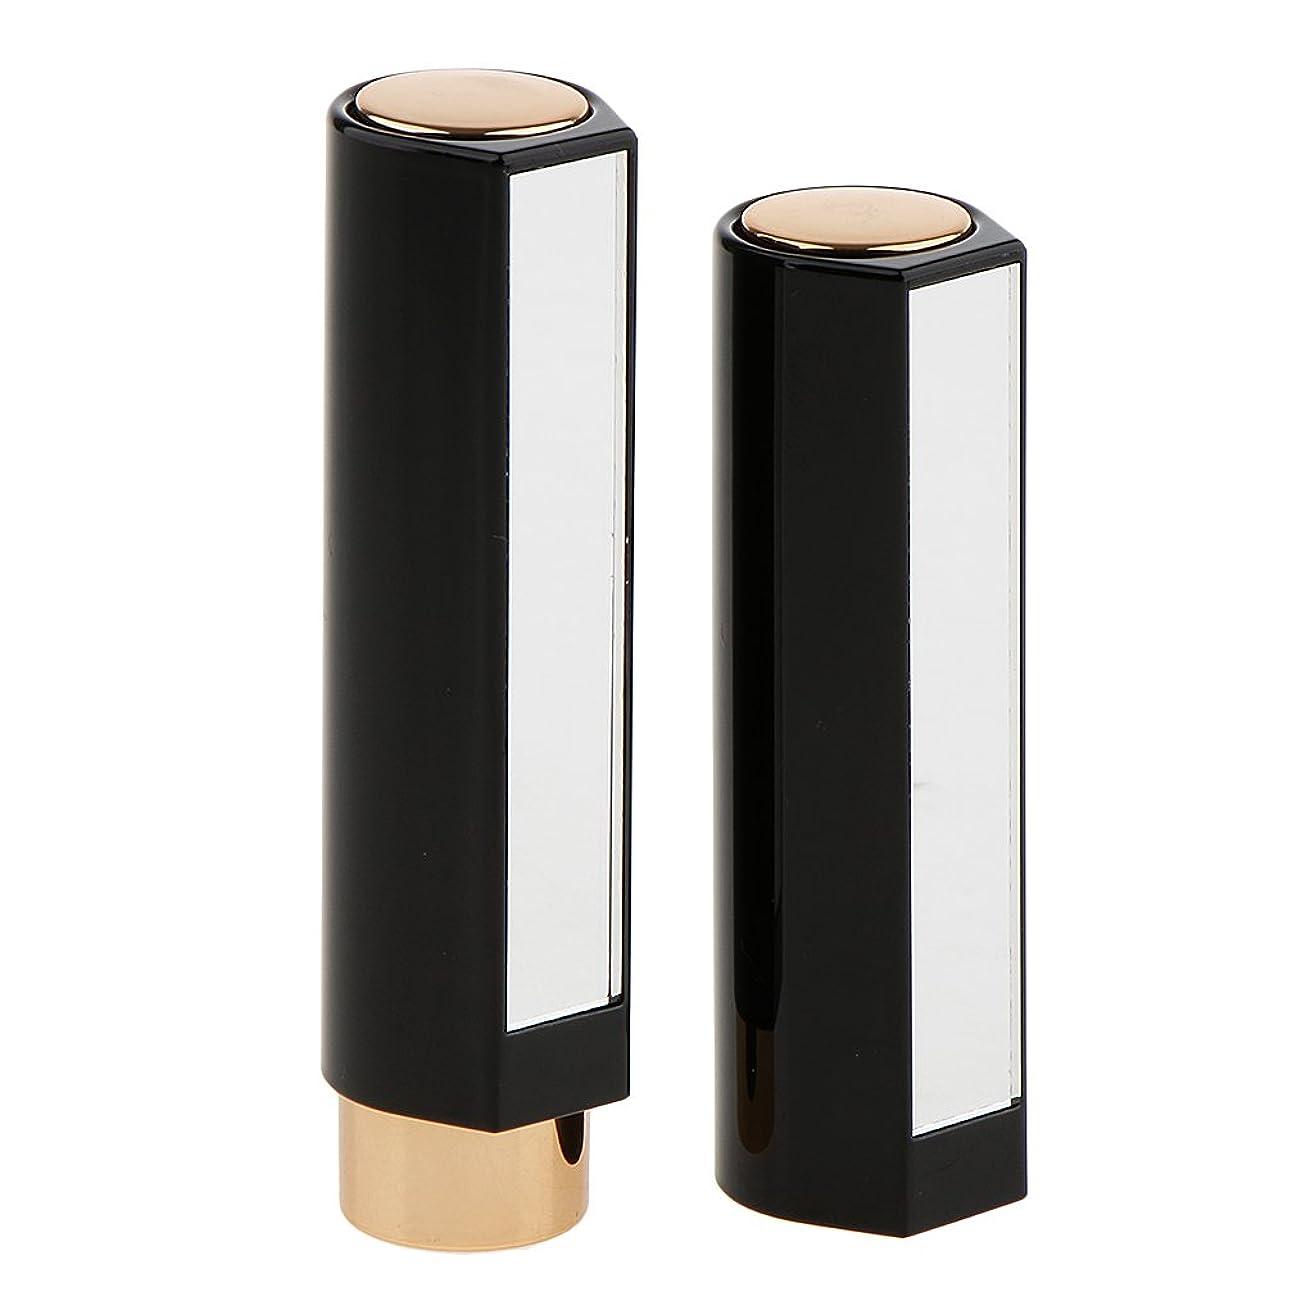 全国考慮ボリューム2本の空の口紅の管のリップクリームの容器DIYの化粧品の構造用具 - ブラック